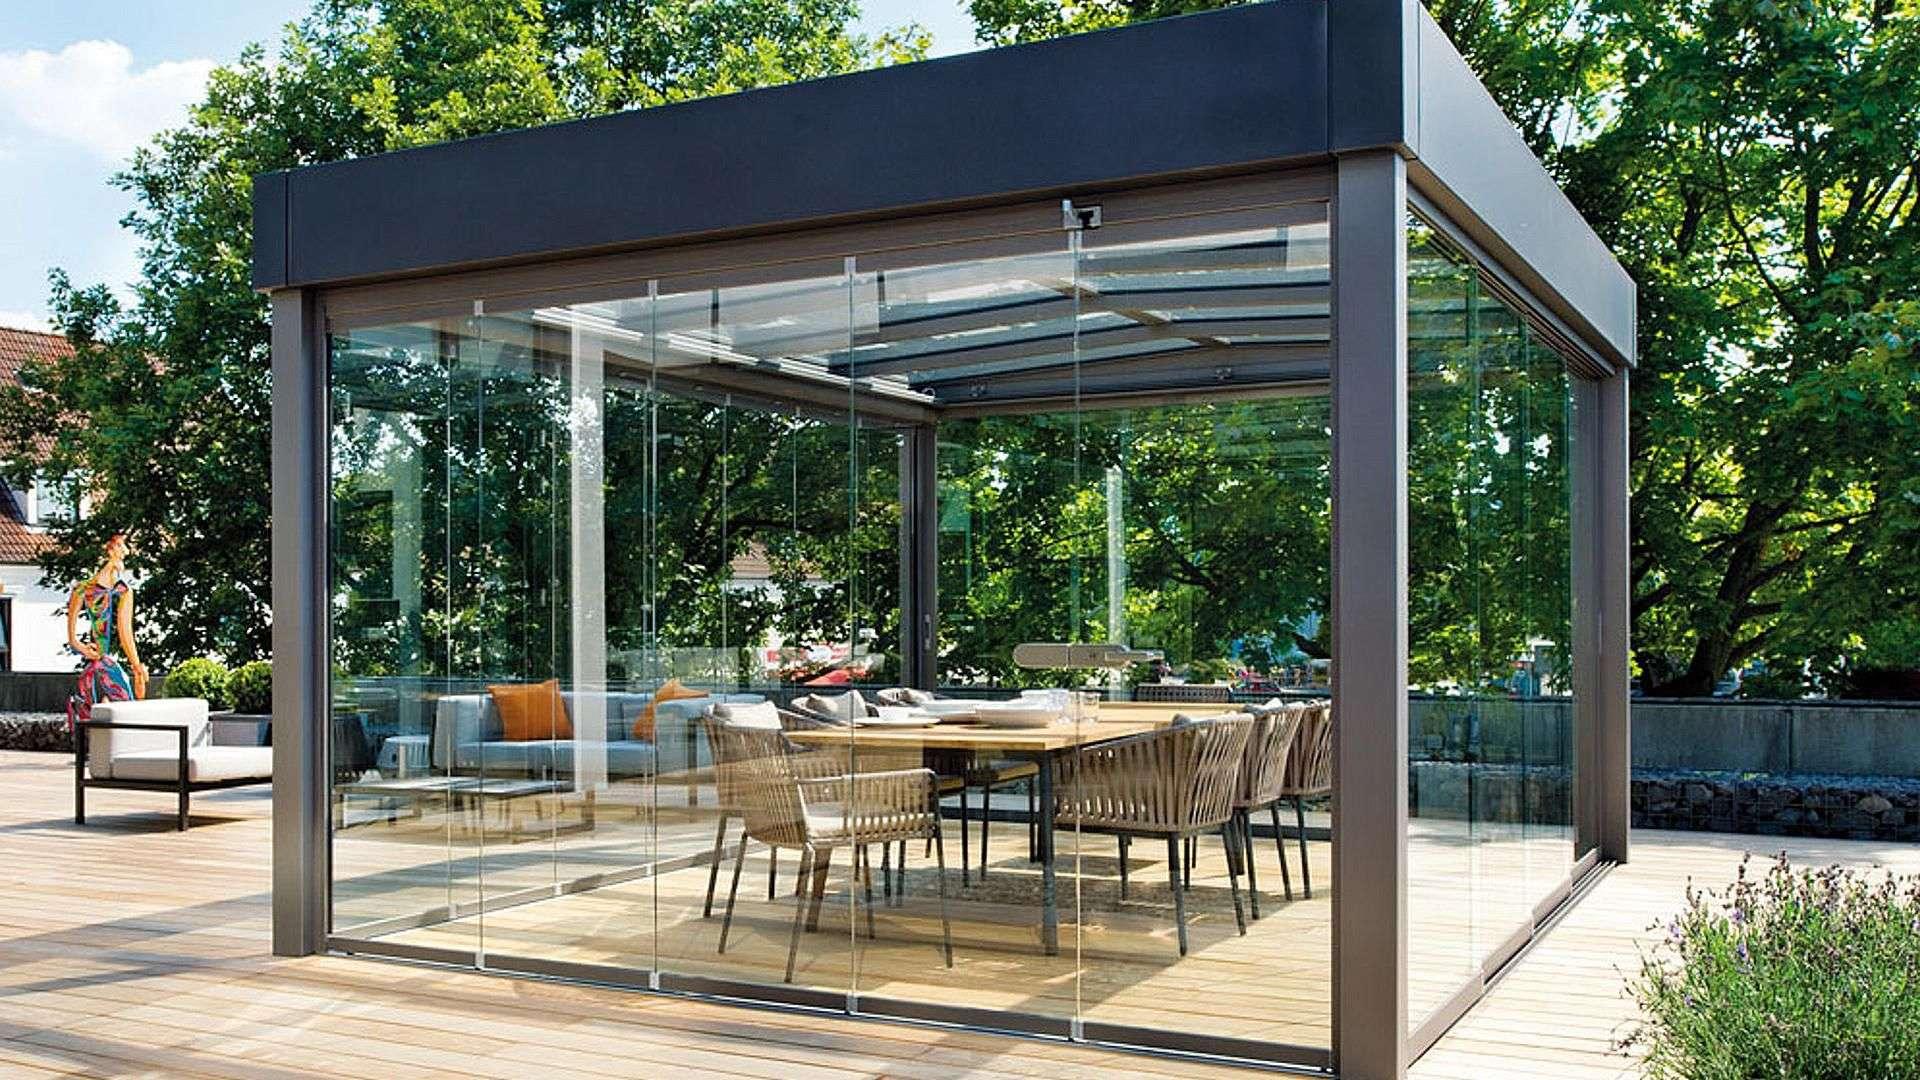 freistehendes Glashaus Atrium Carre in einem grünen Garten mit einem Esstisch in der Mitte